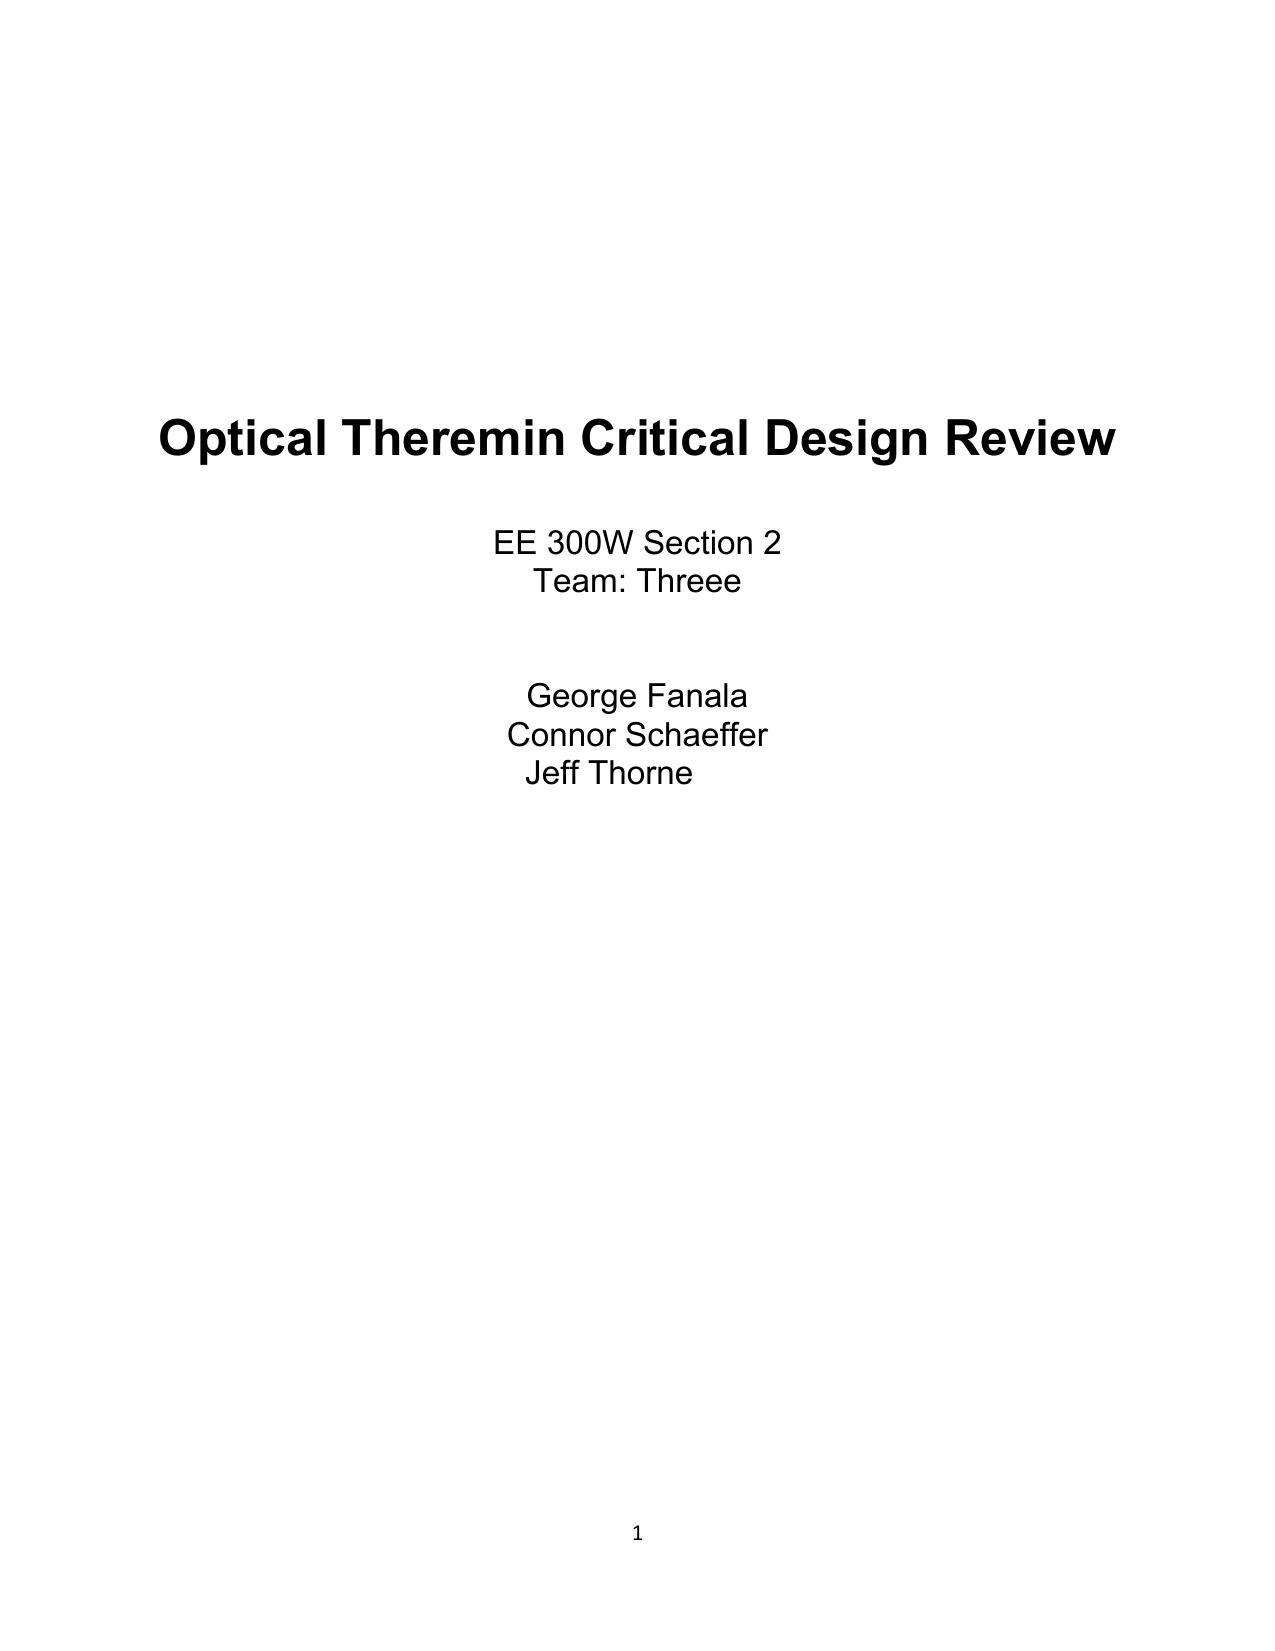 Surprising Optical Theremin Vi Schematic Wiring Digital Resources Skatpmognl